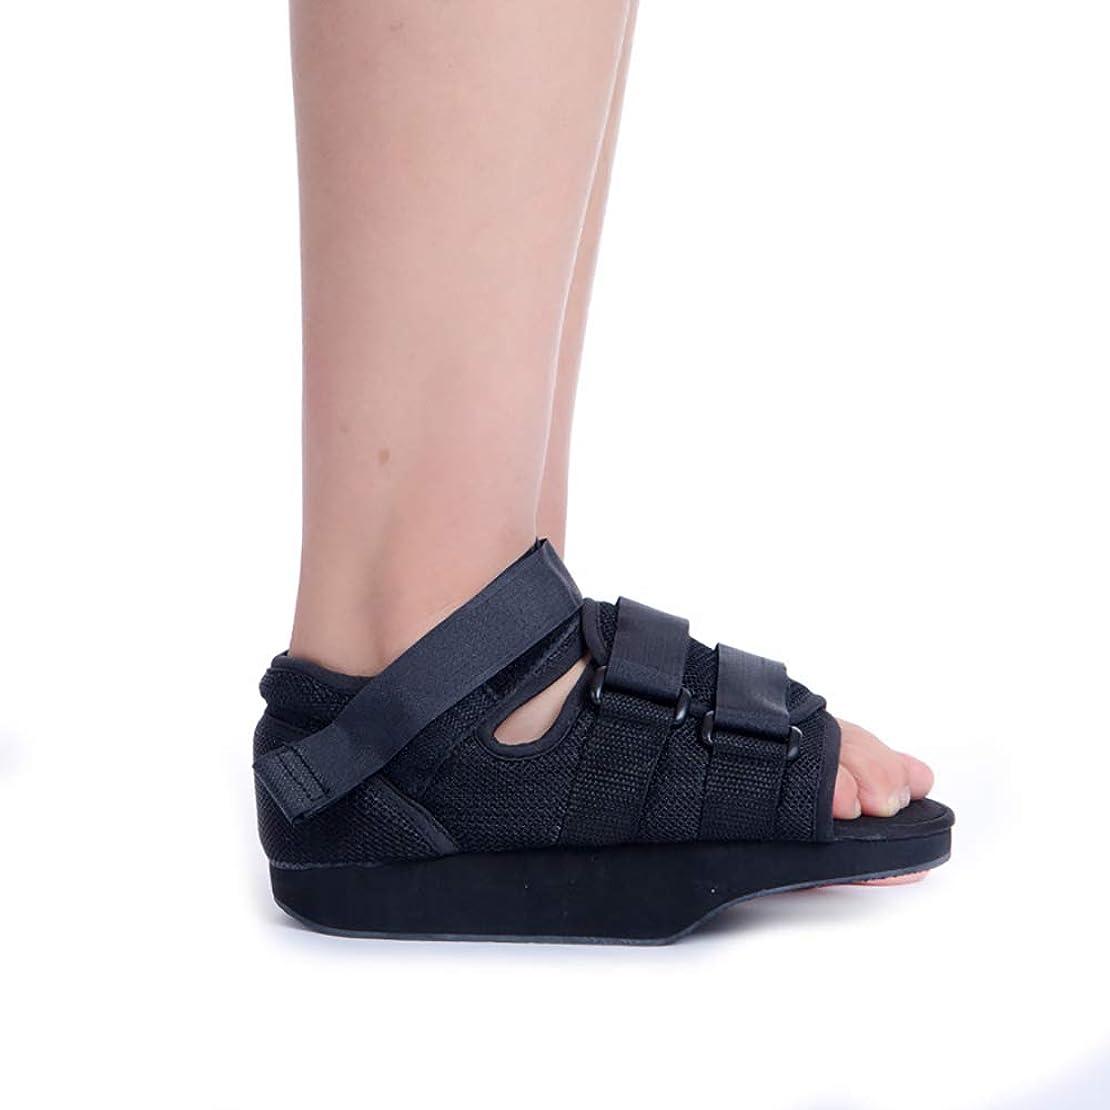 電話する実質的受け取る前足部圧力軽減靴黒靴前足部骨折固定固定通気性靴前足部骨折